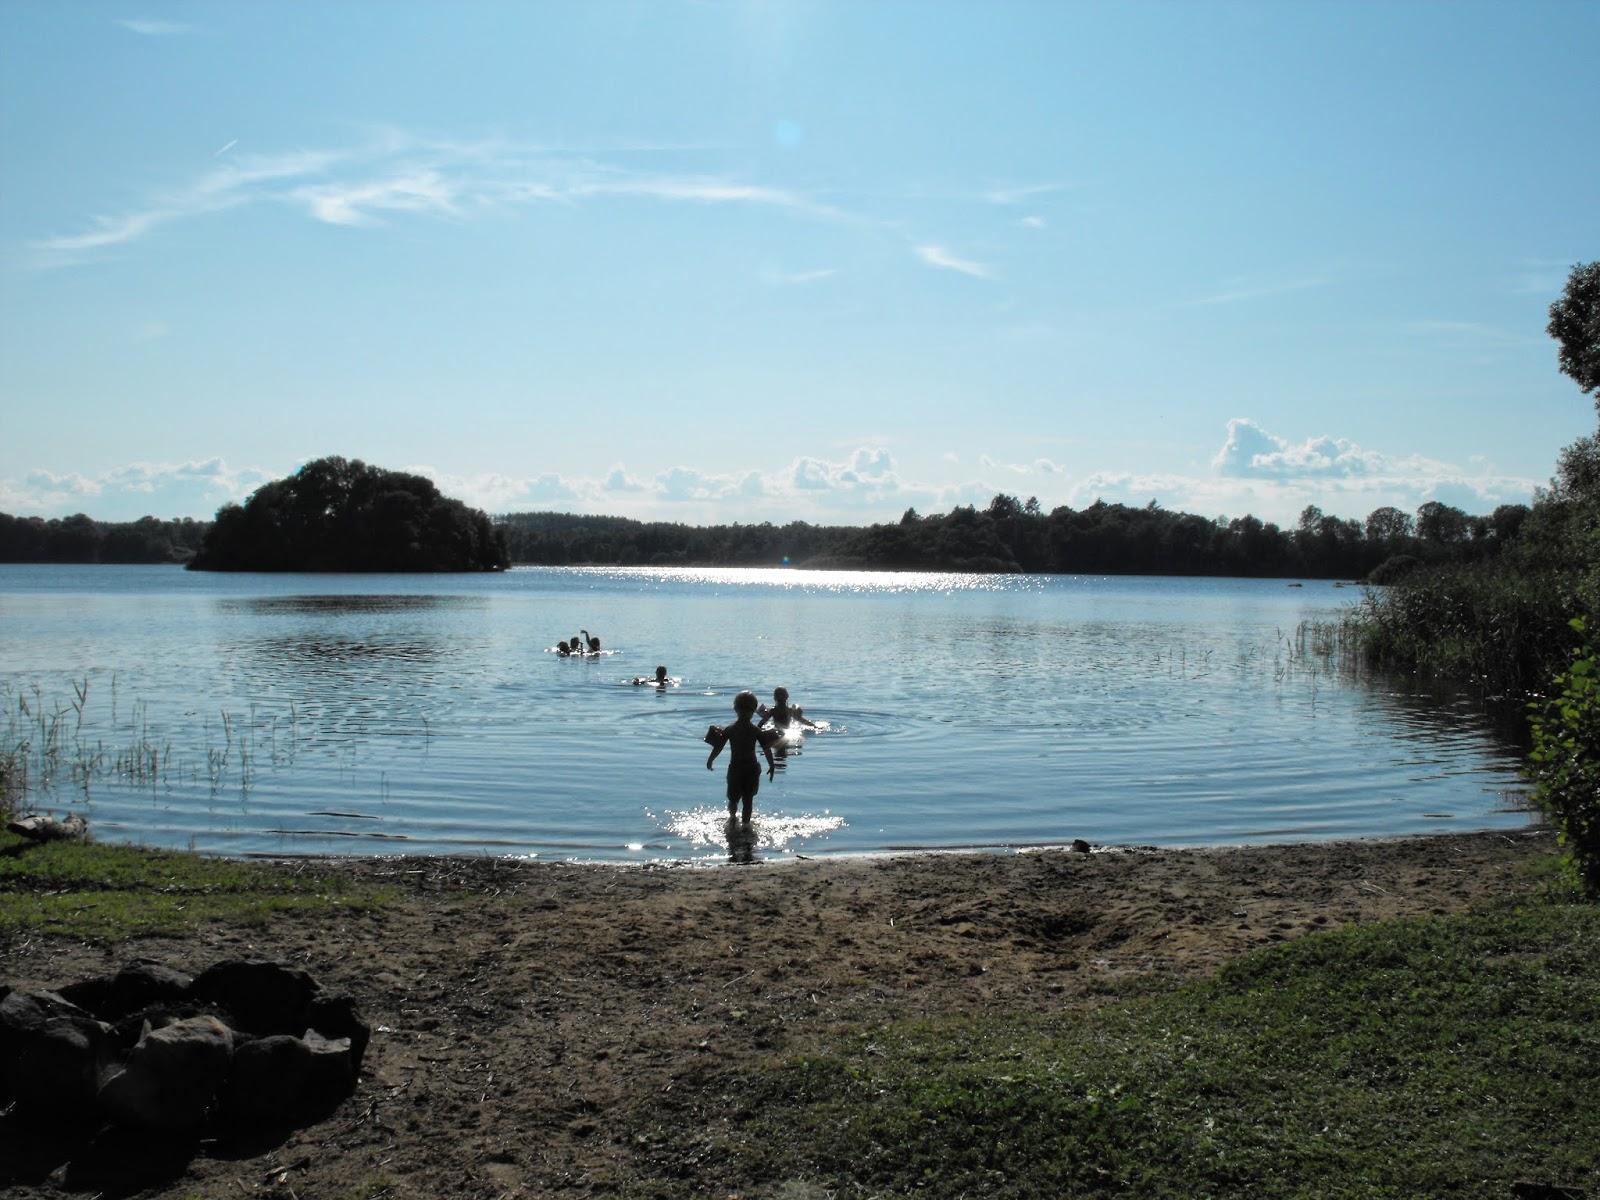 Bada, Sommar, Badsjö, insjö, vacker natur, Sösdala, Hörby, Kvesarumssjön, Kvesarum